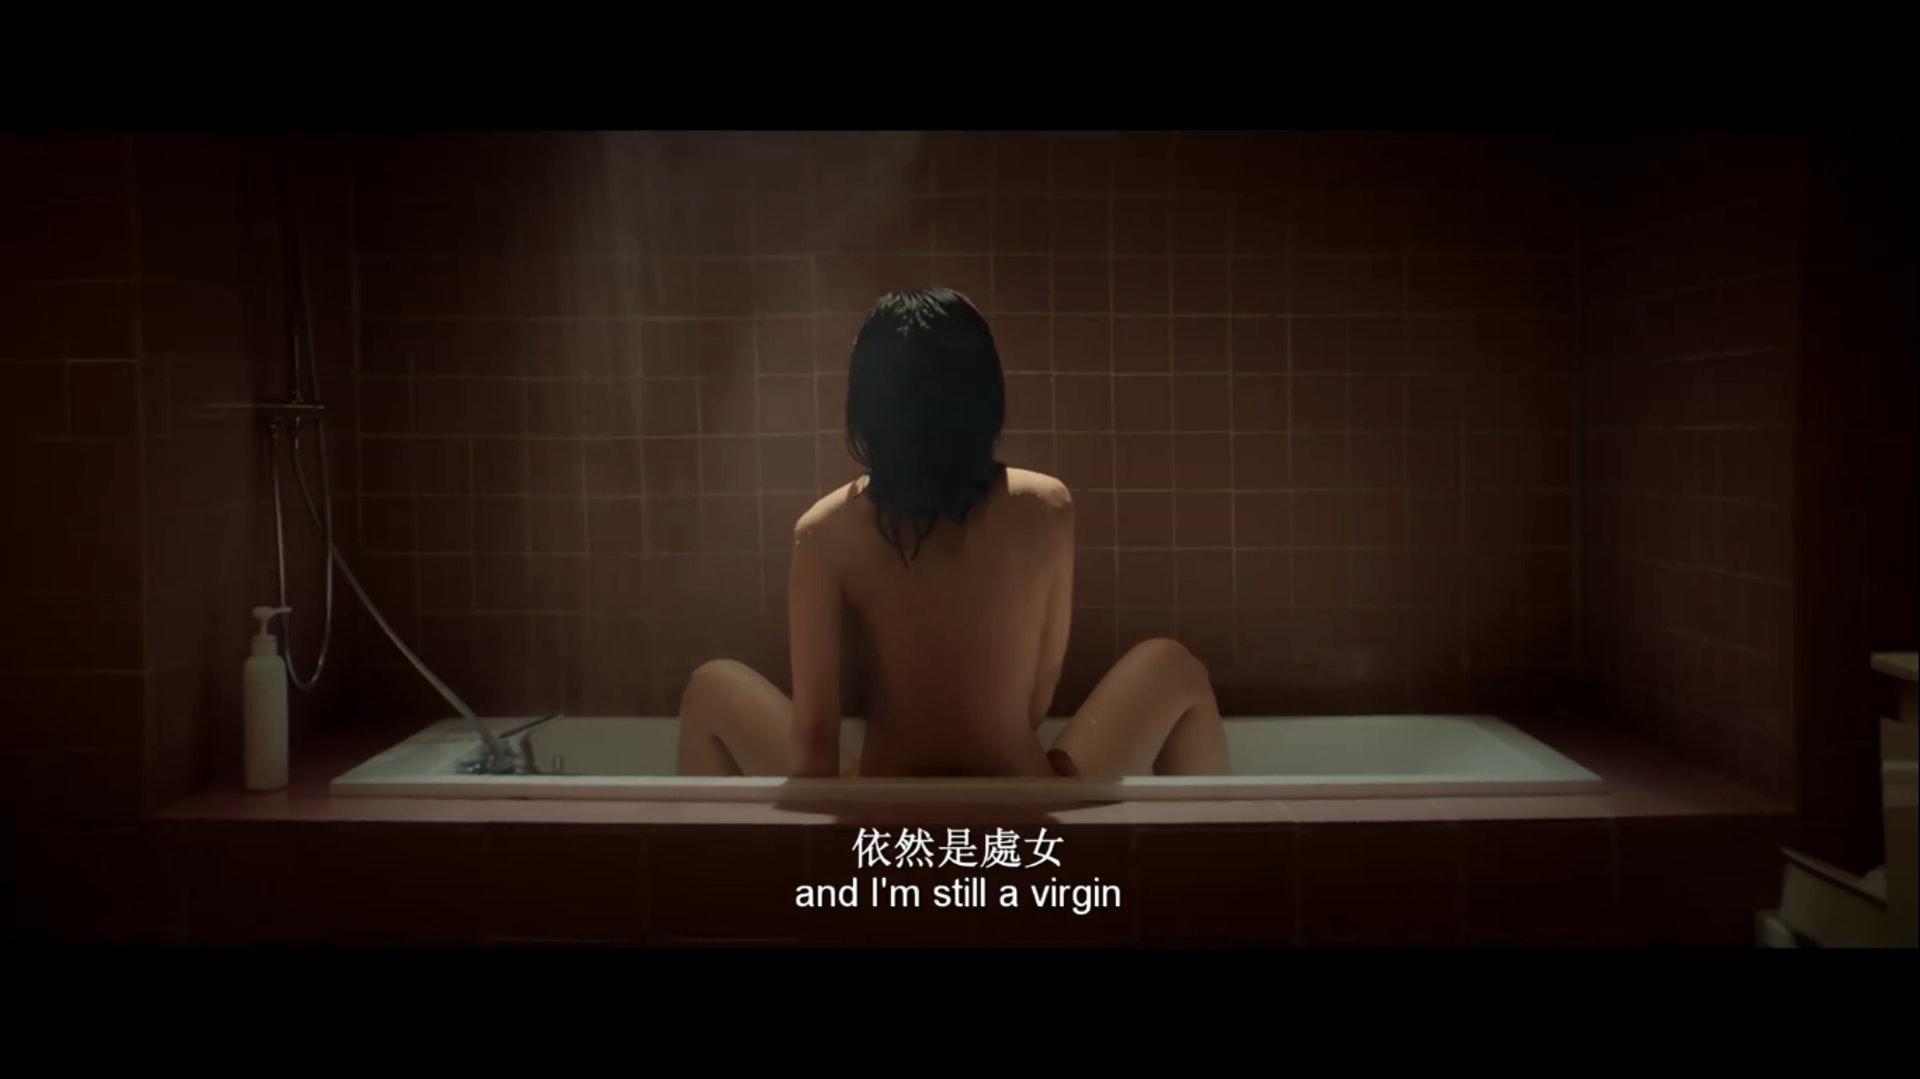 蔡卓妍飾演的獨生女小敏,與丈夫結婚四年,卻未能靈慾一致,至今仍是處女。(網上擷圖)